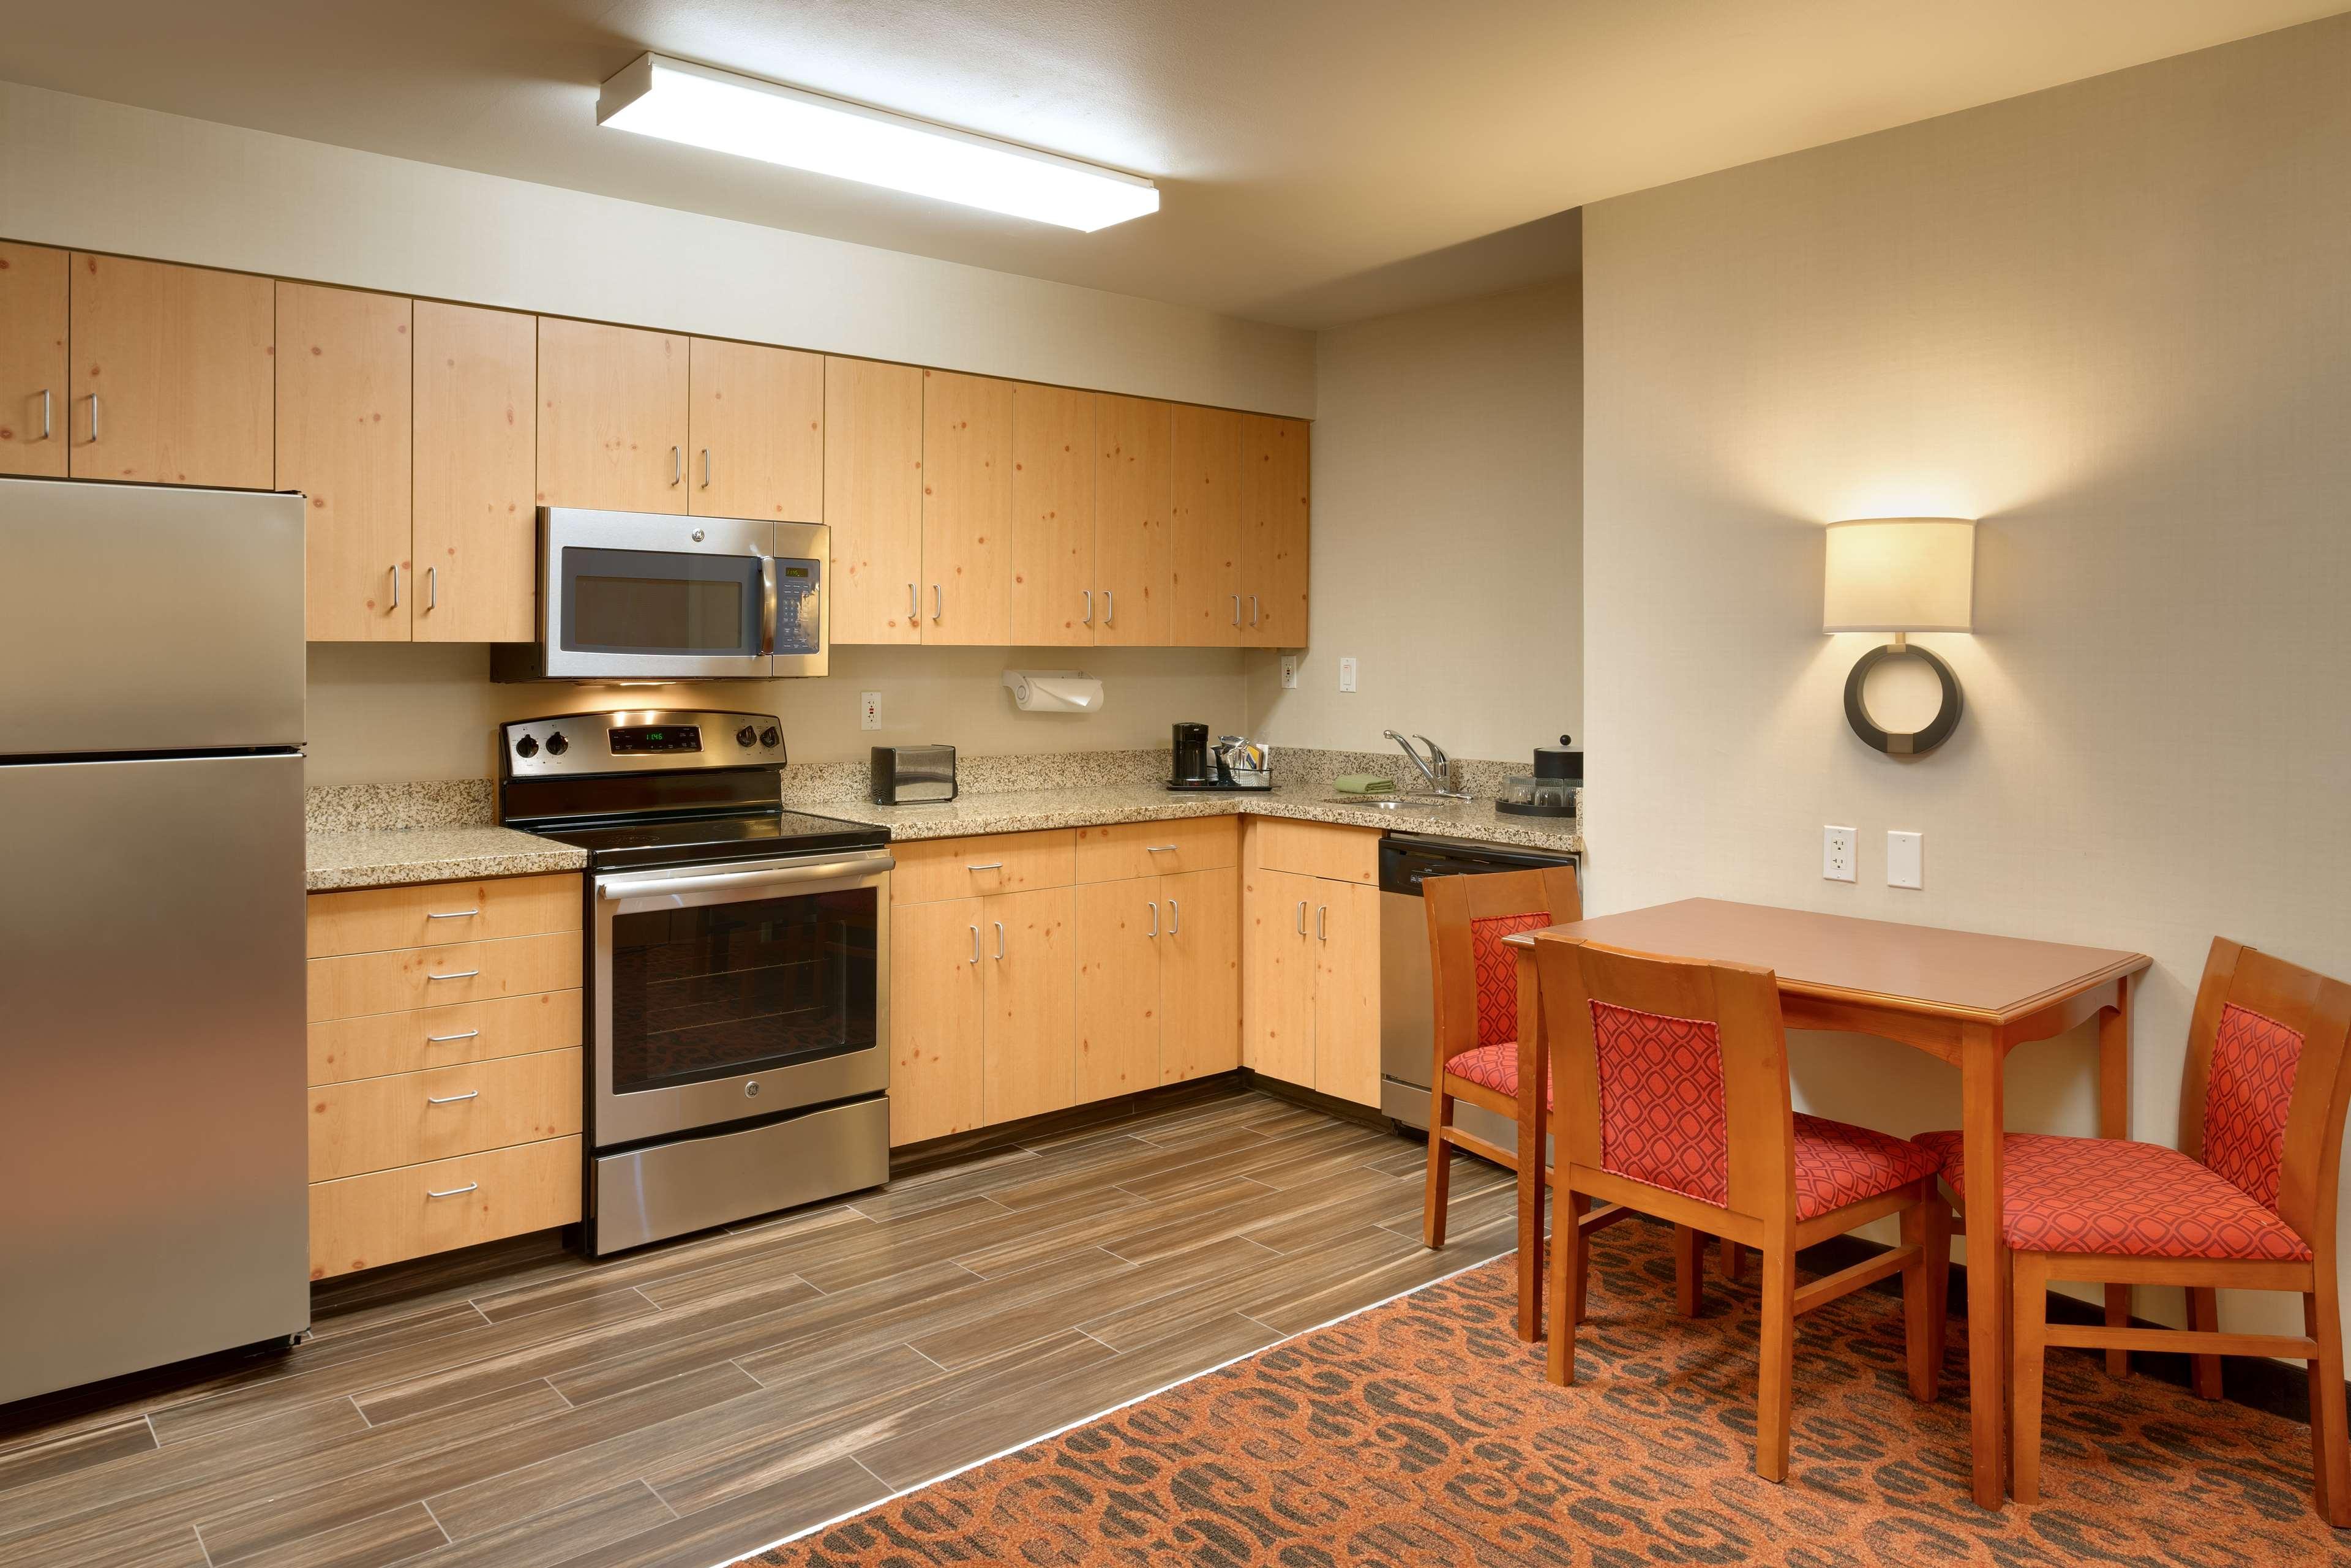 Hampton Inn & Suites Orem image 12